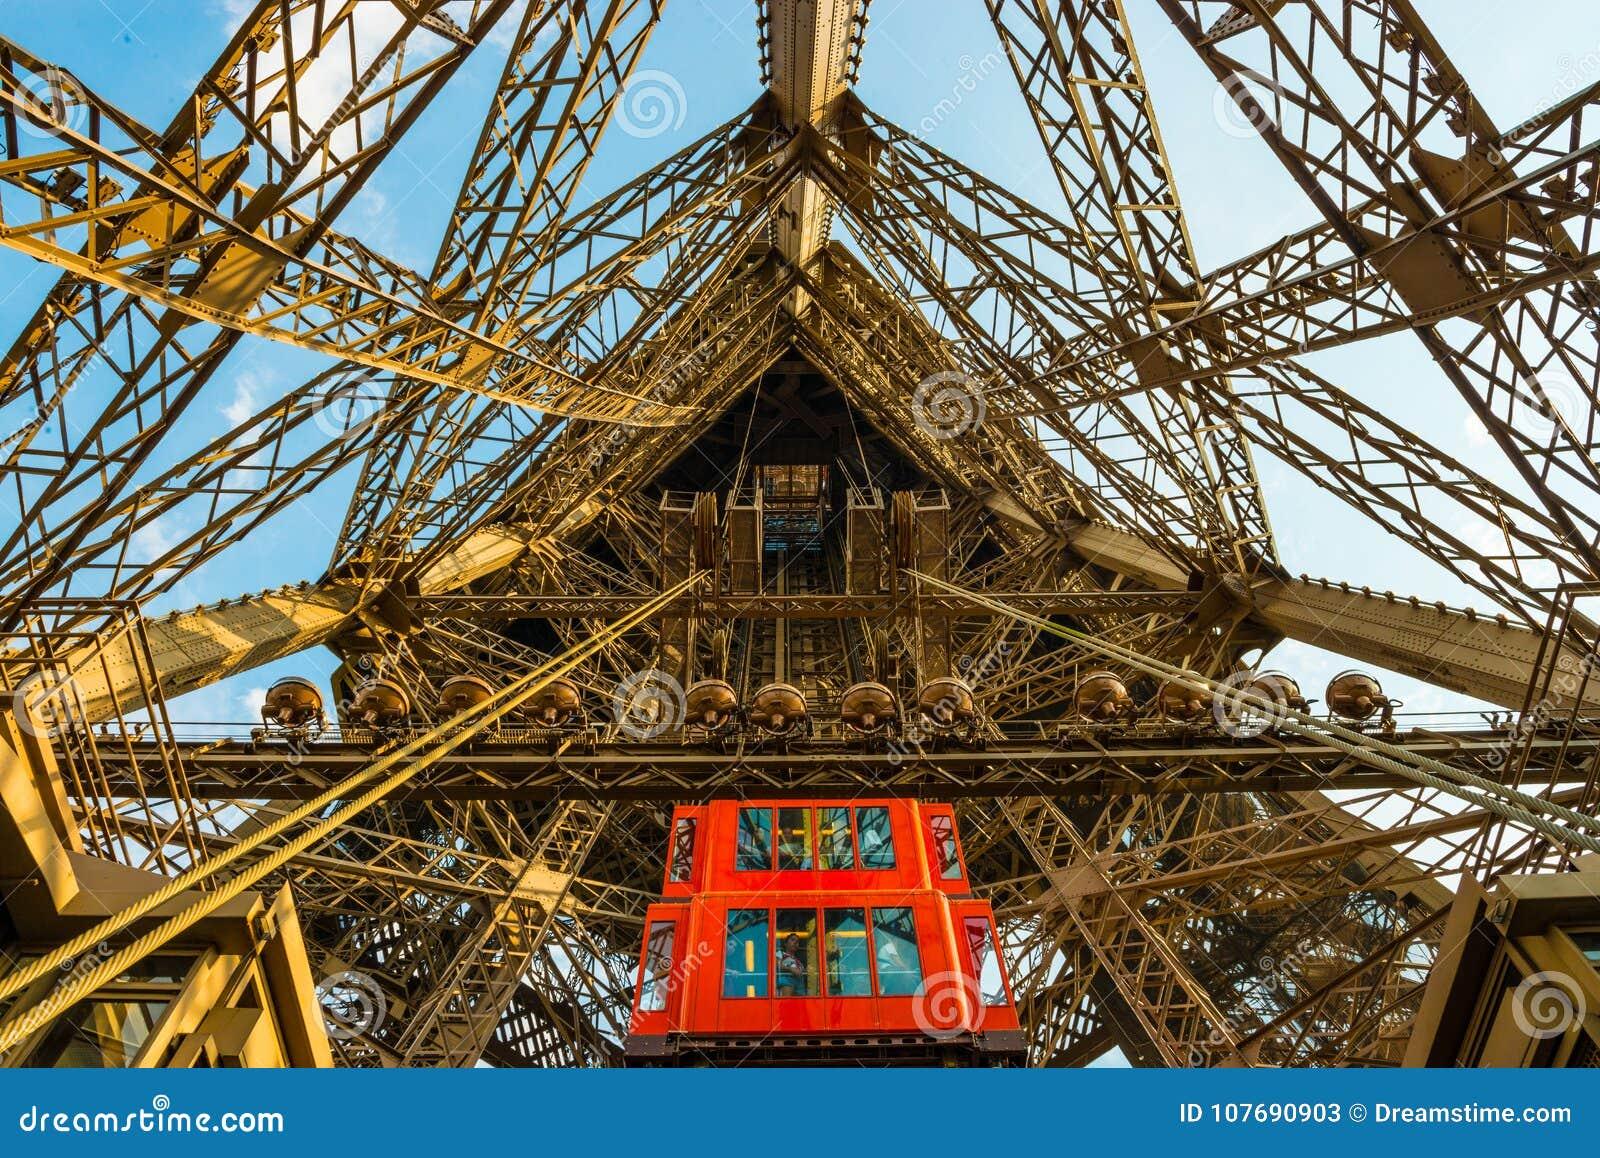 El elevador rojo trae a turistas abajo del eje en la estructura de la torre Eiffel del metal en París